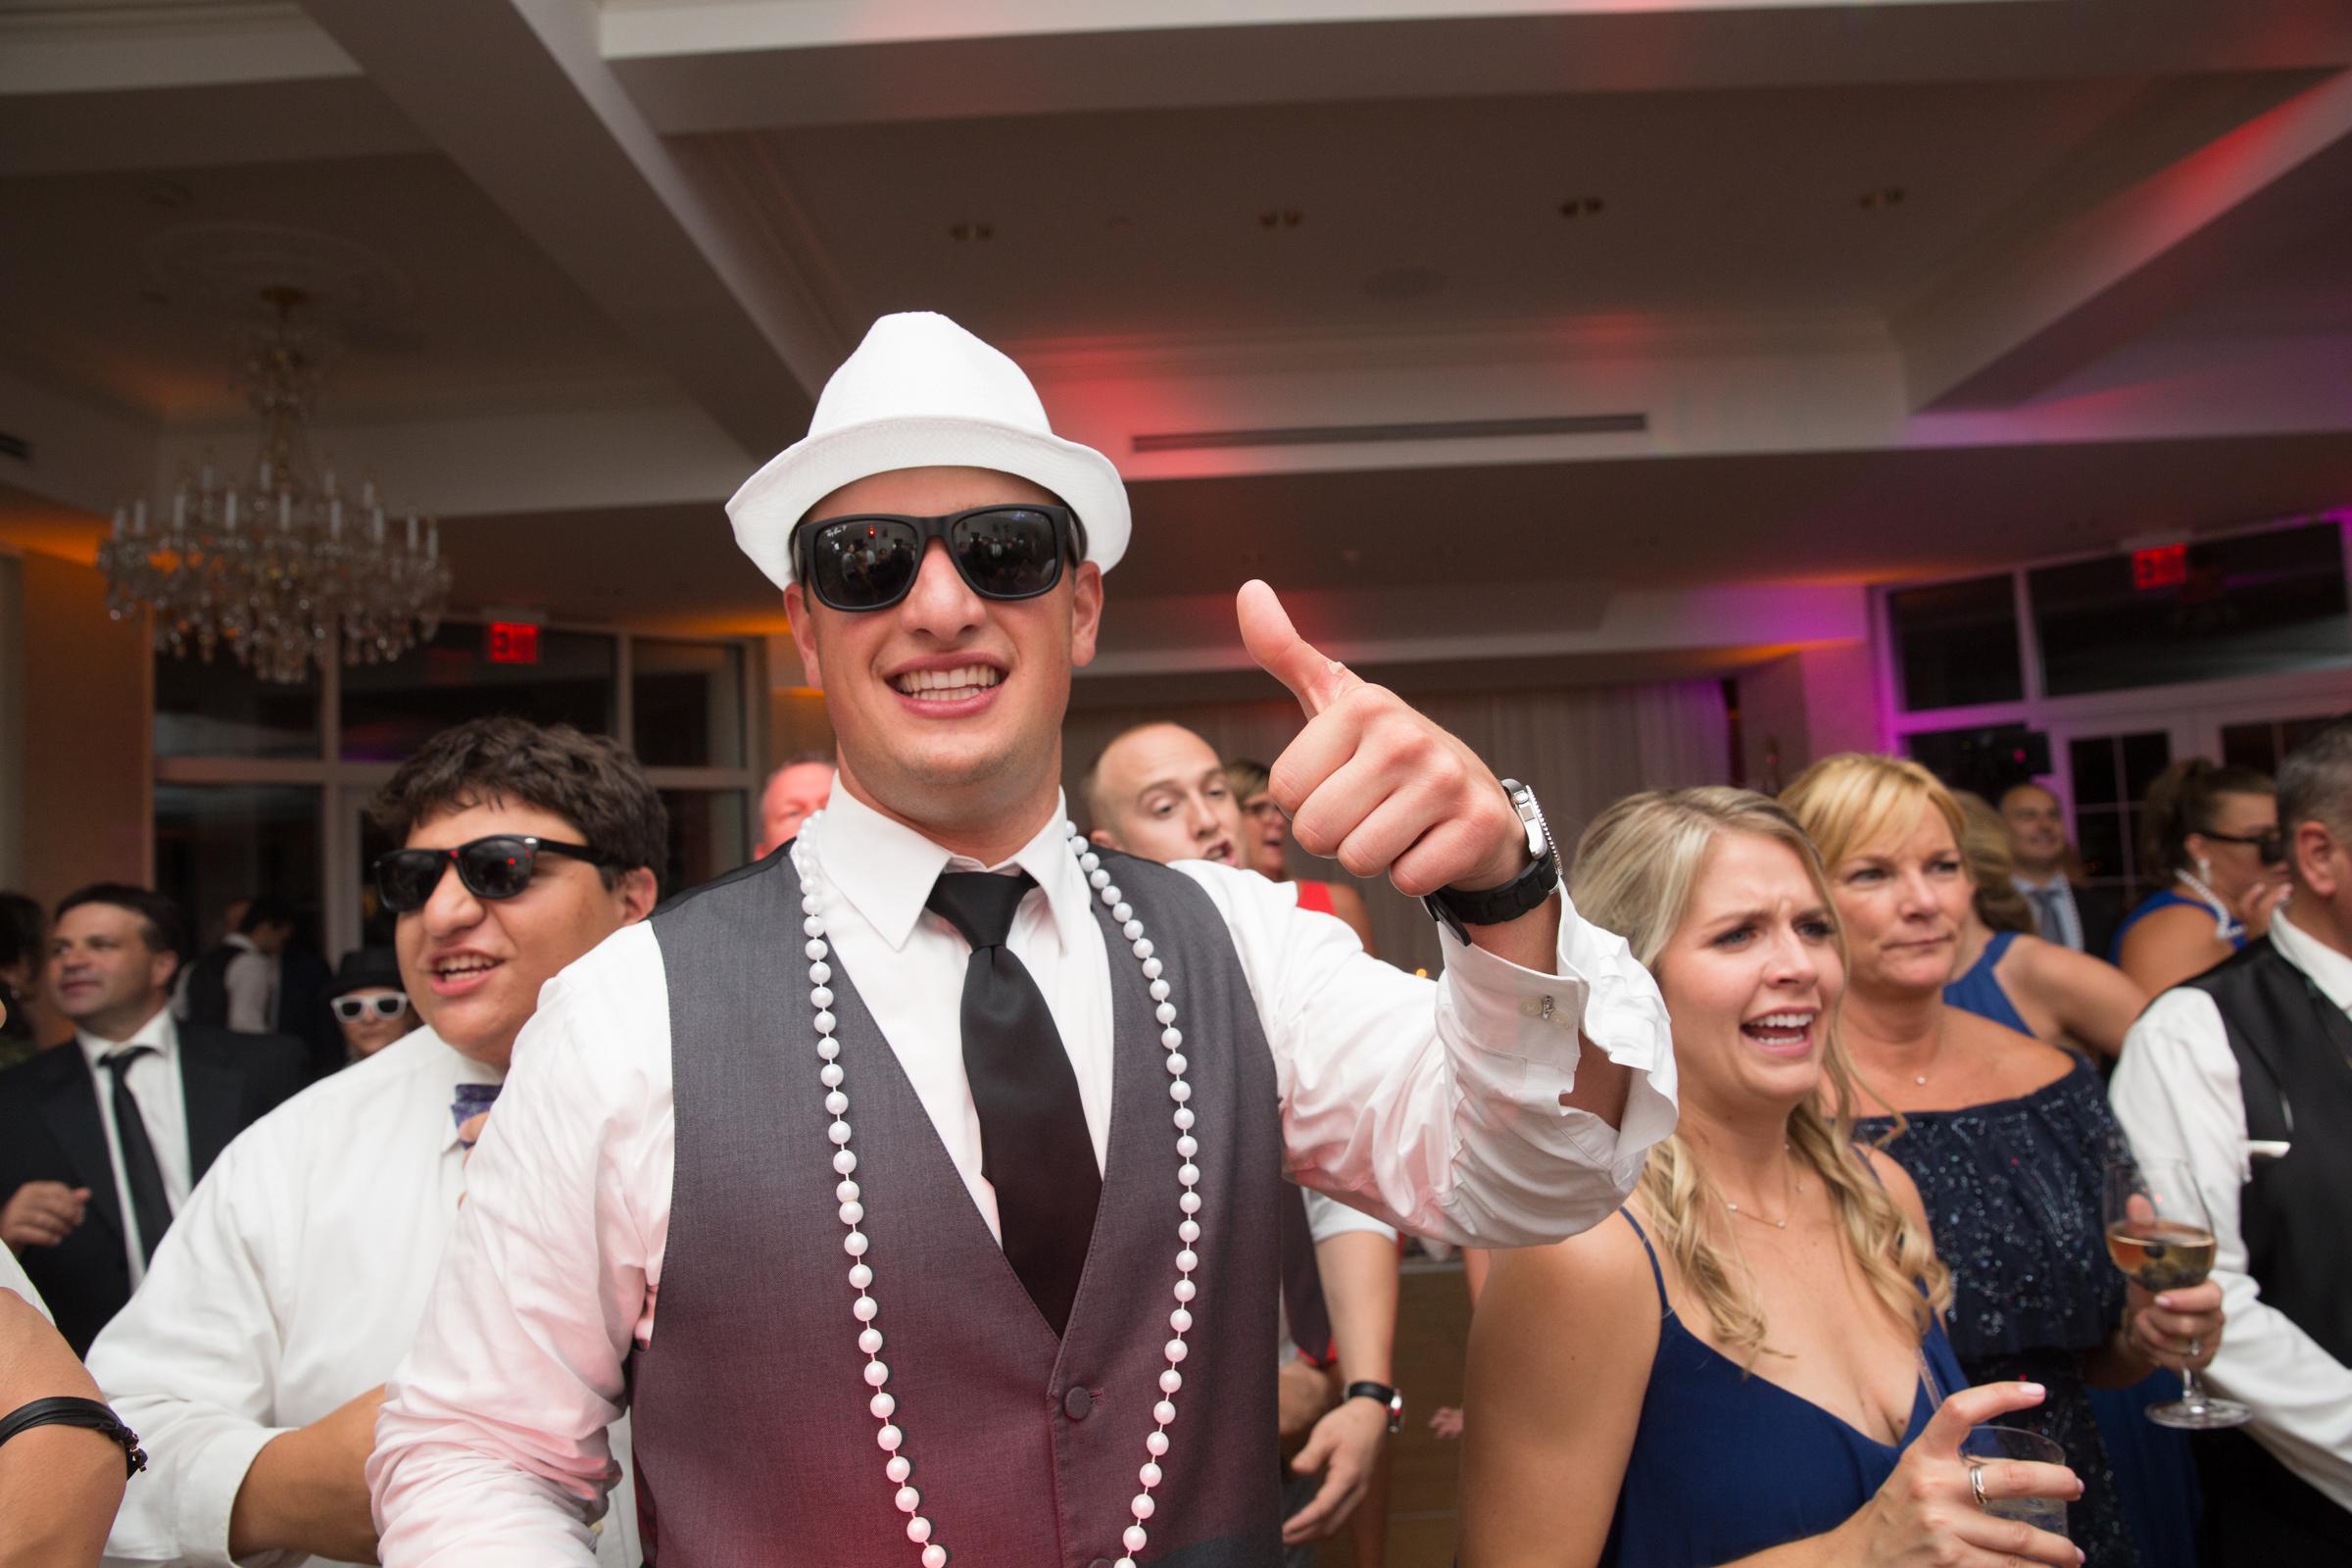 trump-national-golf-course-wedding-party-photos